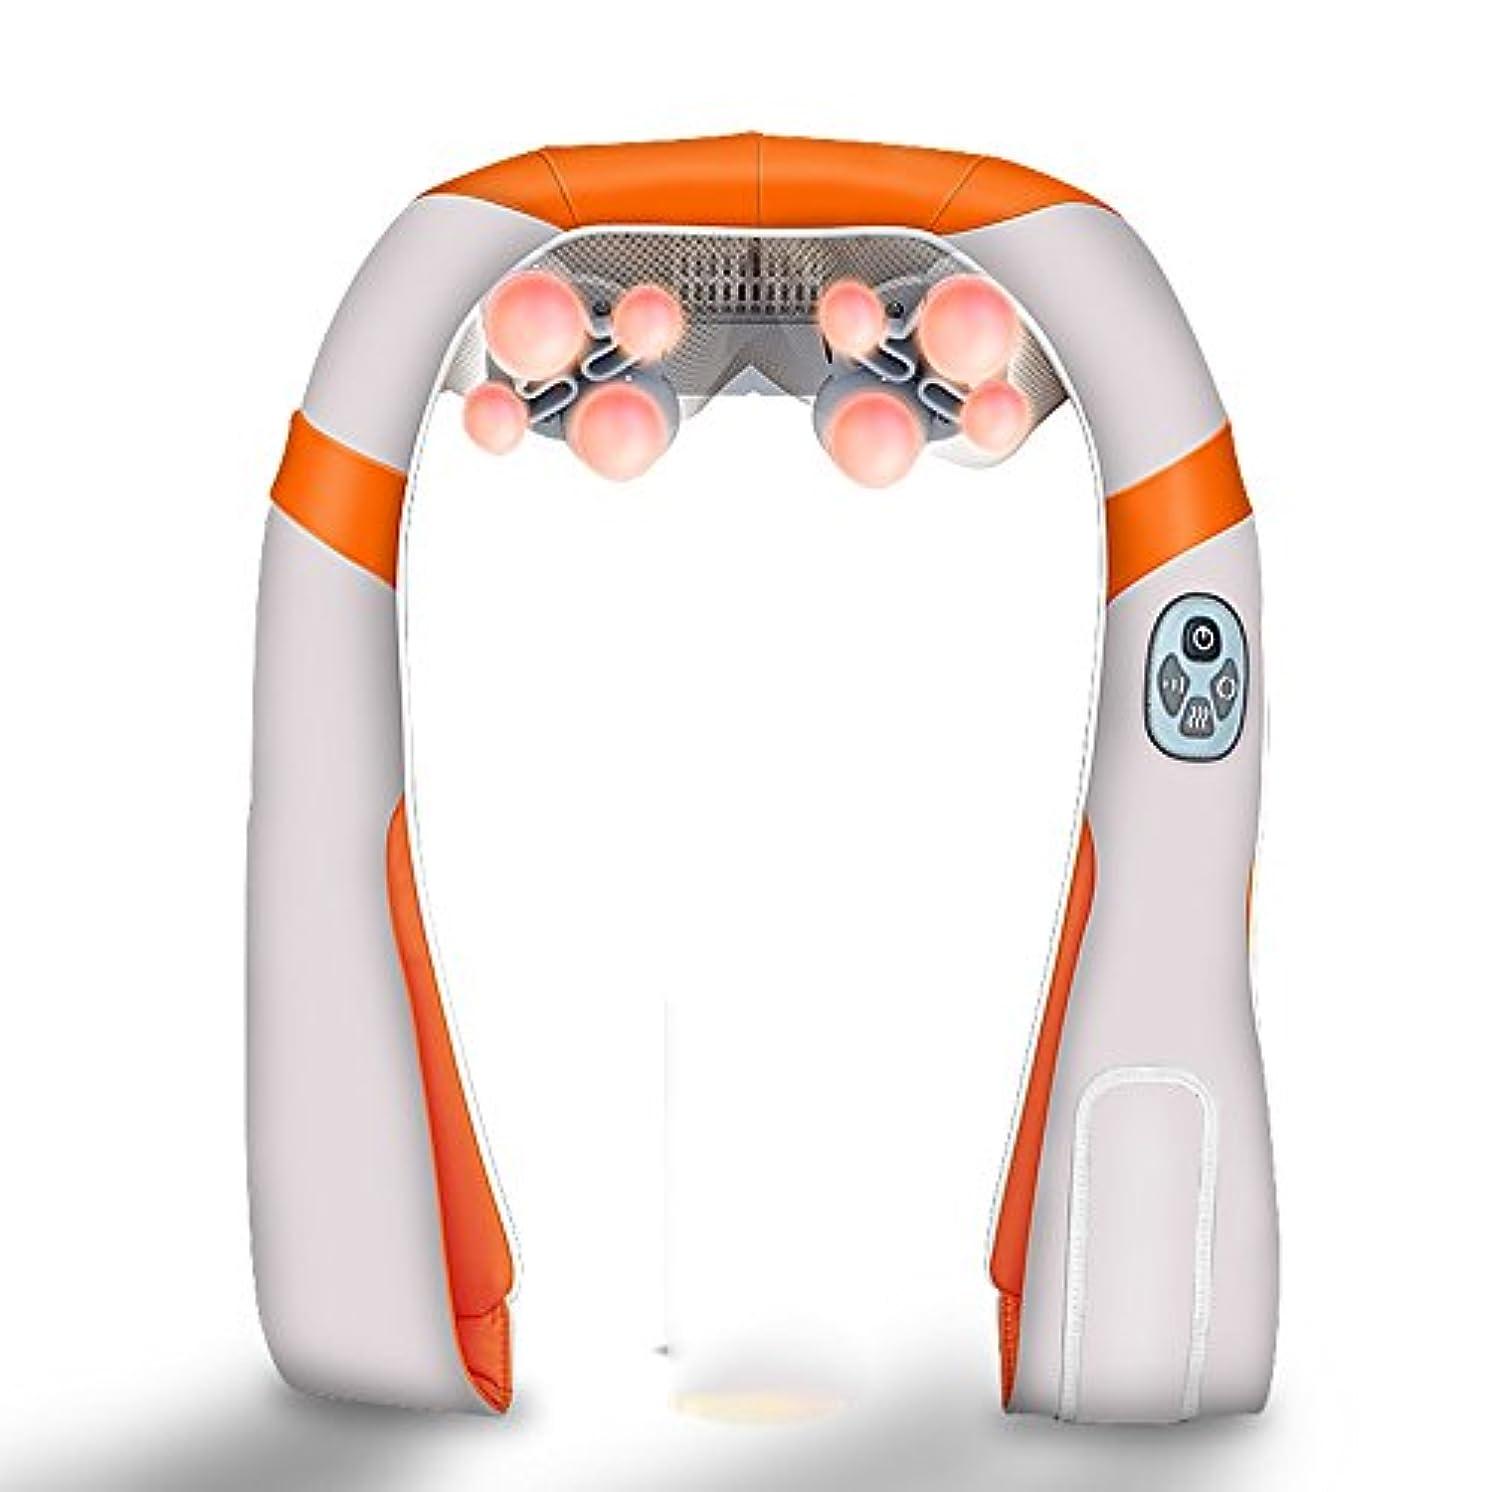 HAIZHEN マッサージチェア フルボディマッサージ器電動運動の混乱指圧ローリングホットパックリウマチの痛みを和らげる頭の血液循環を促進する充電式/電源式 (色 : Orange)